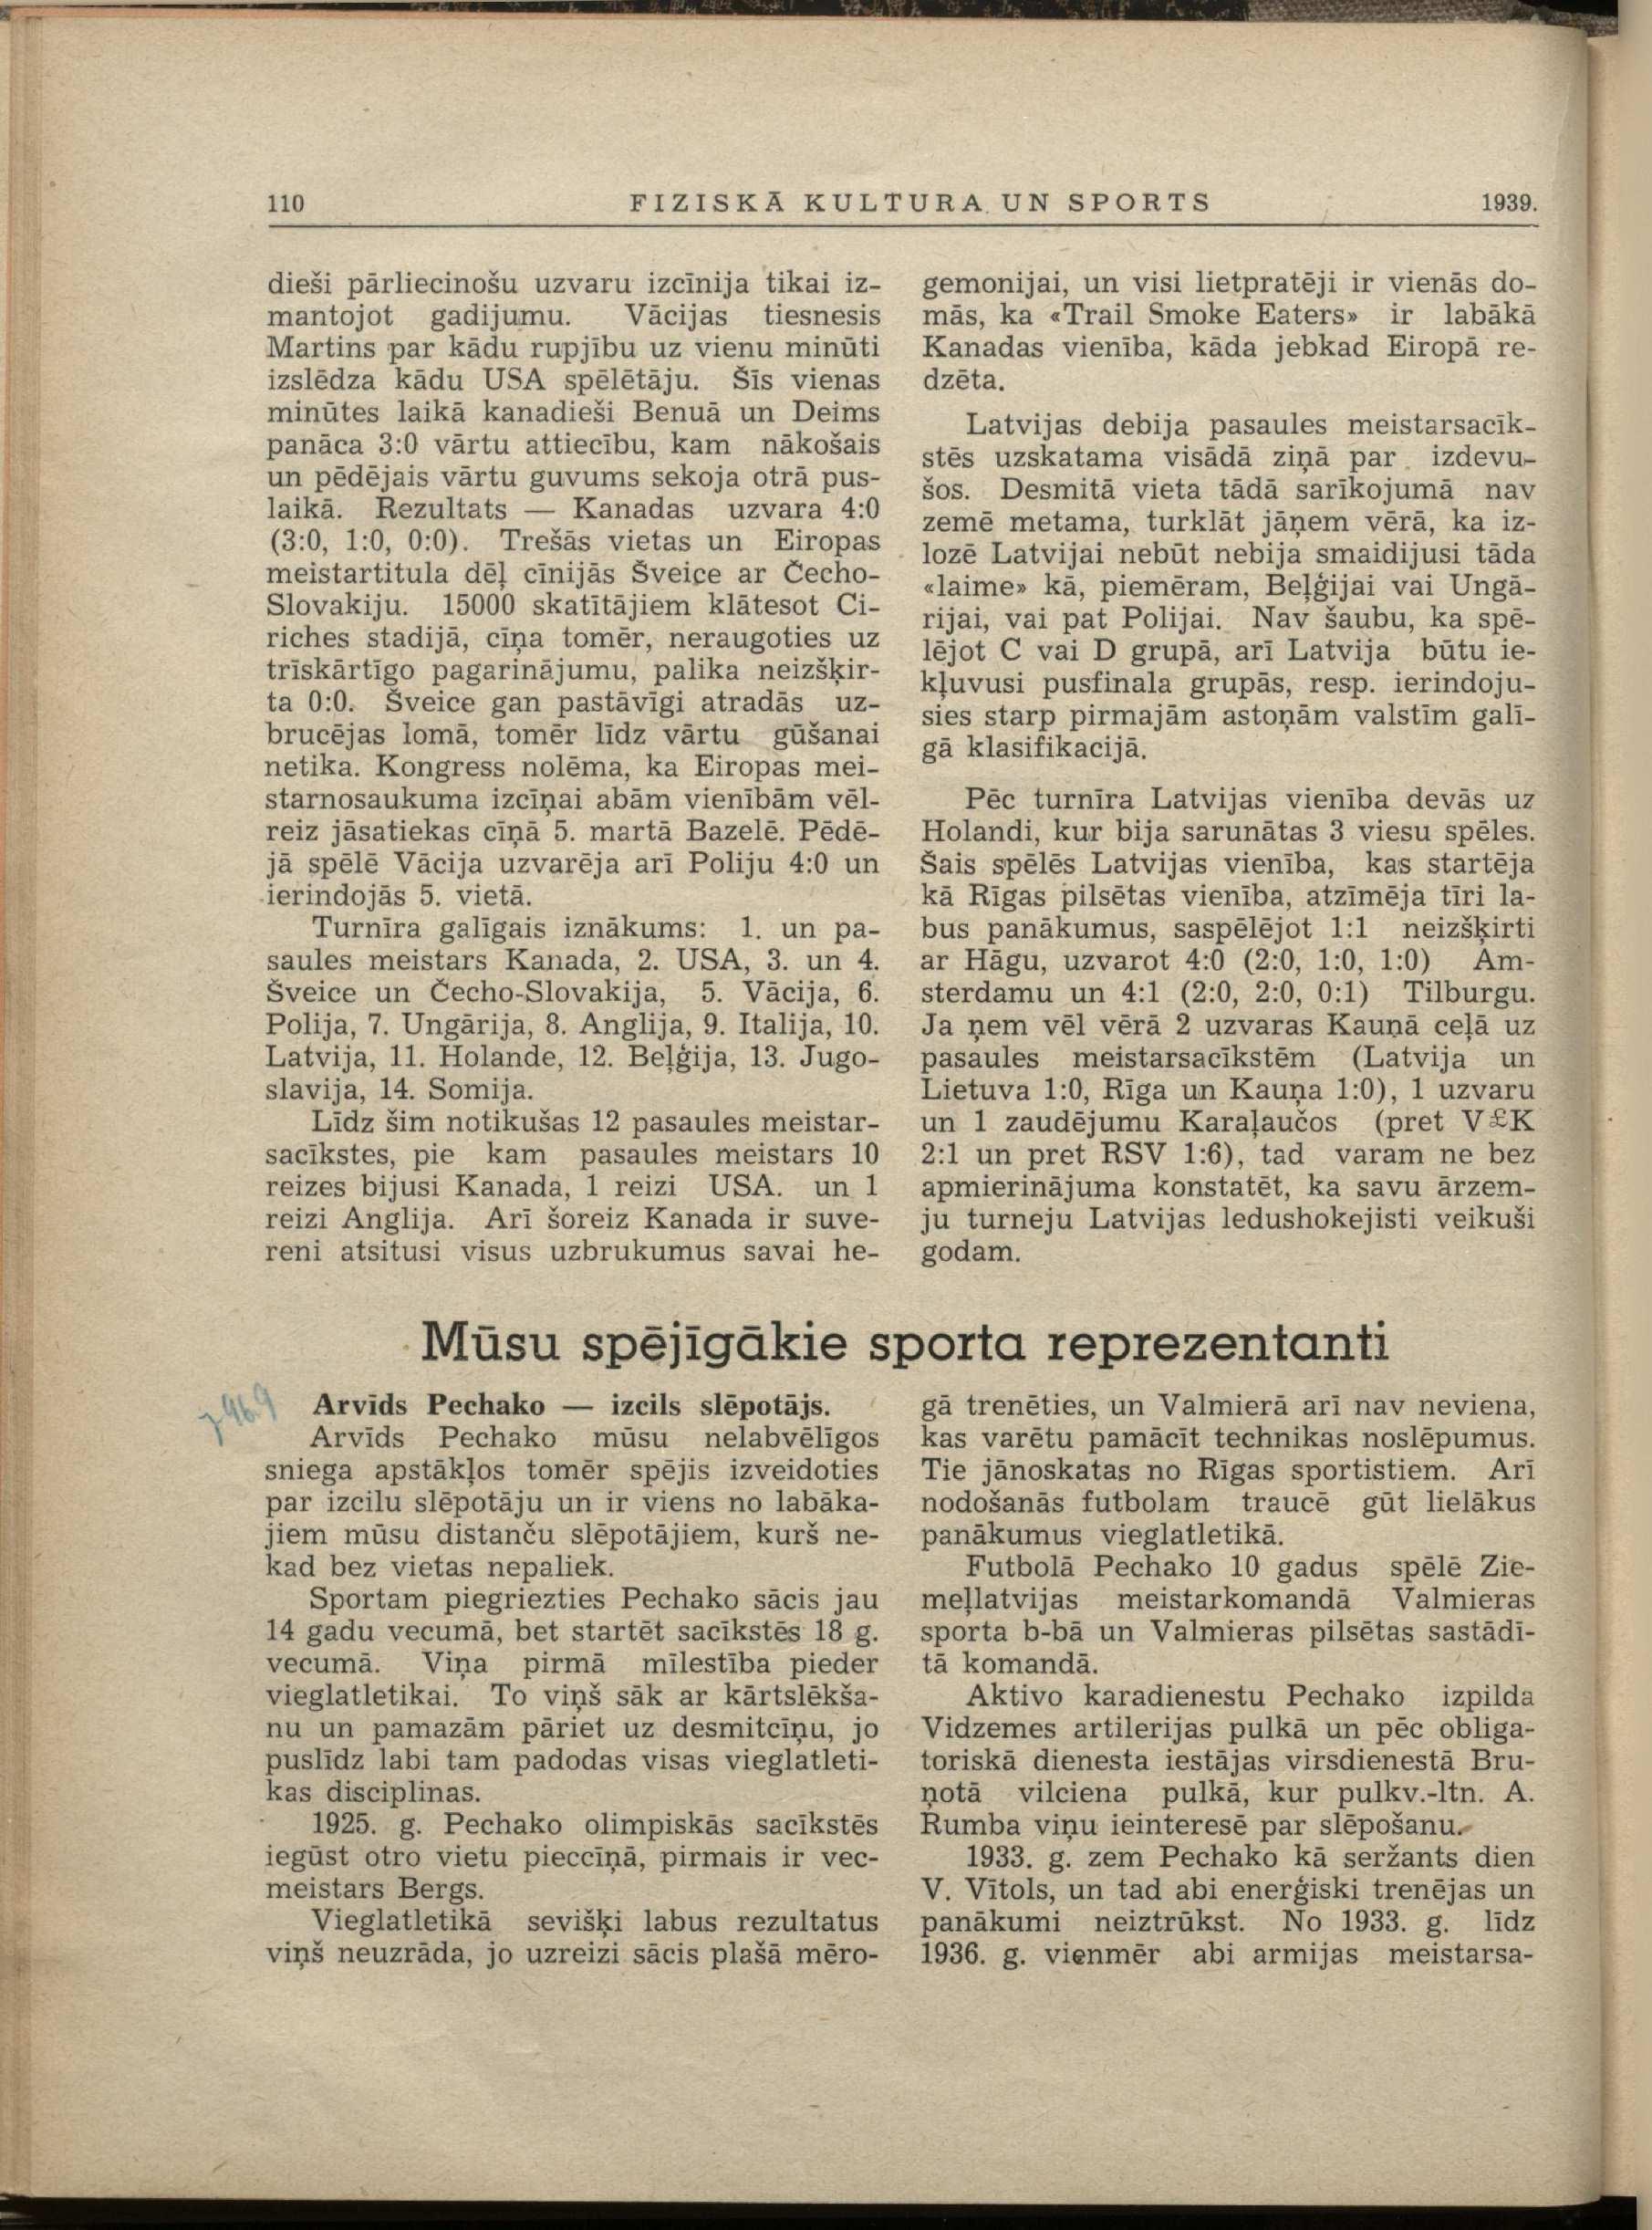 FKS_1939-03_4_lpp.jpg